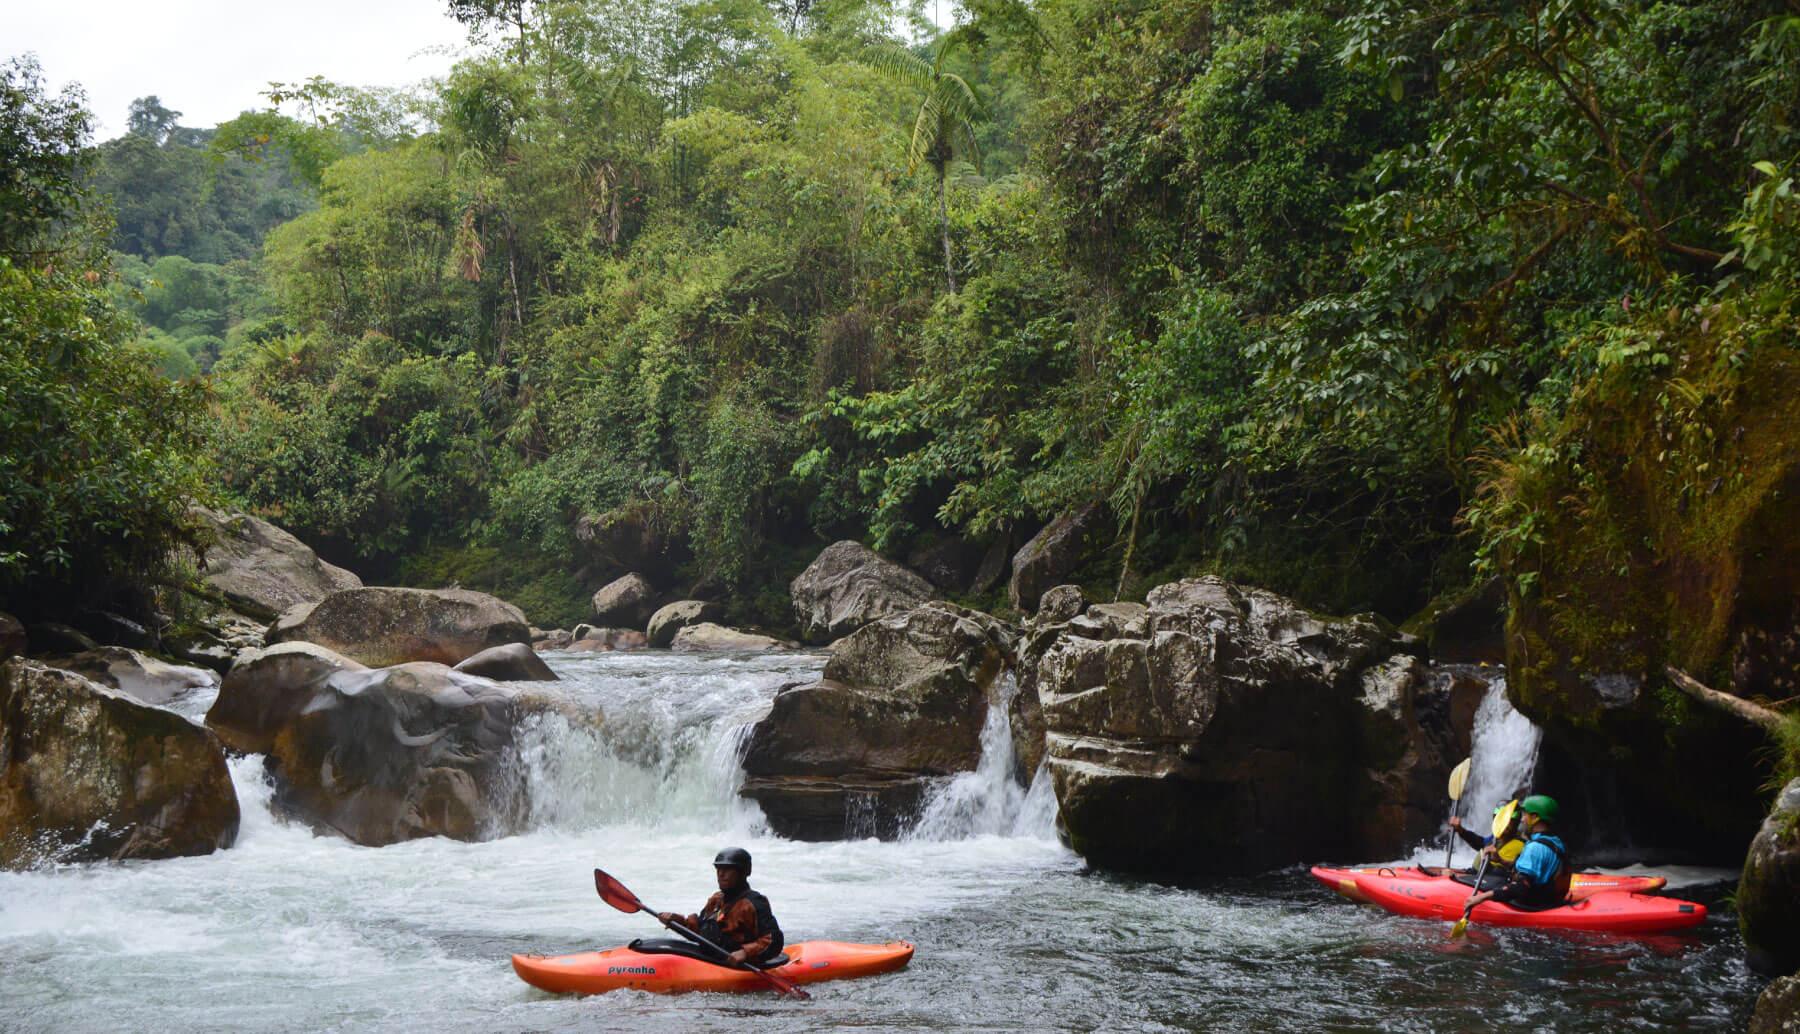 Urcusiqui river kayak guided Trip   Ecuador Whitewater